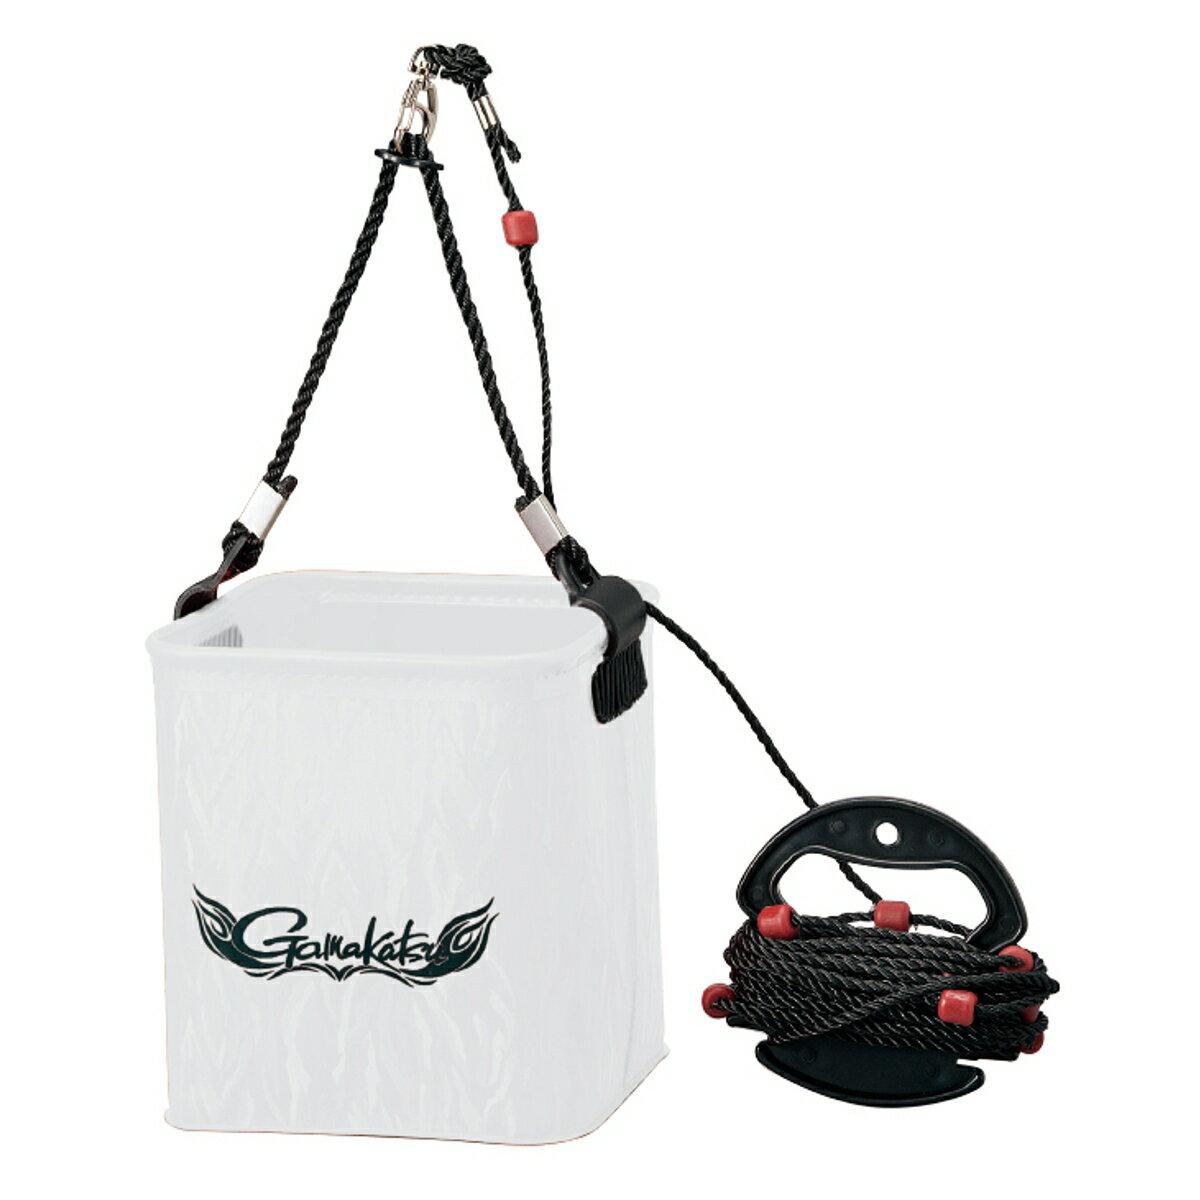 がまかつ 水汲みバケツ(ロープ巻付) GM-2440 小 ホワイト